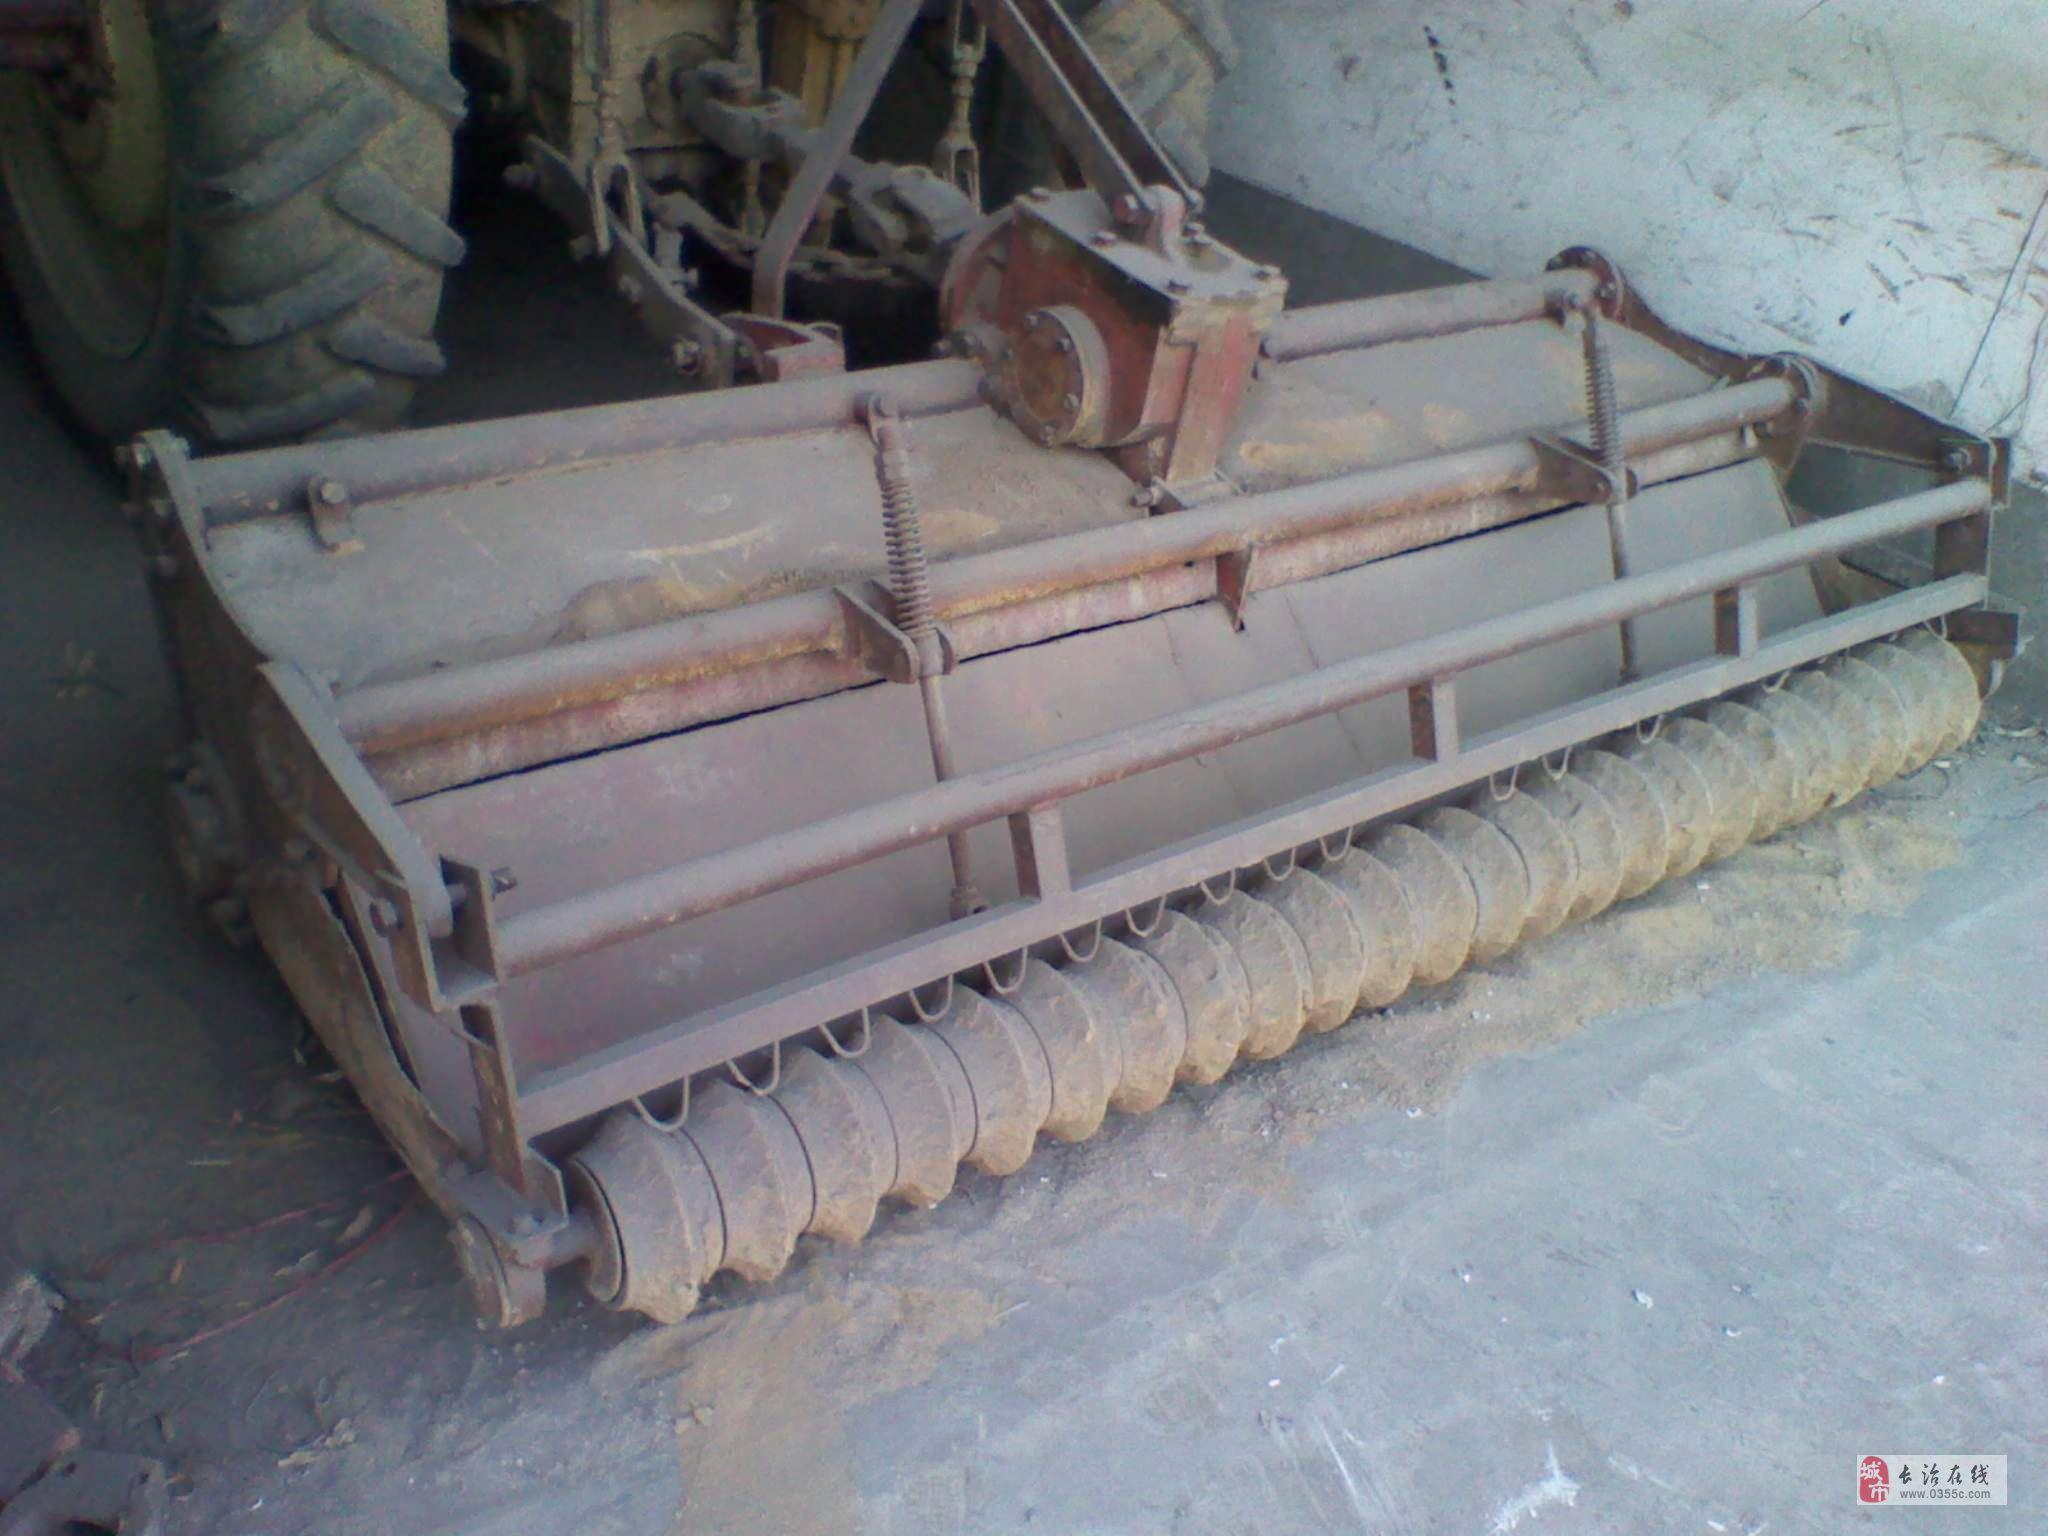 潞城售天津铁牛55拖拉机车况很好机开走就能干活